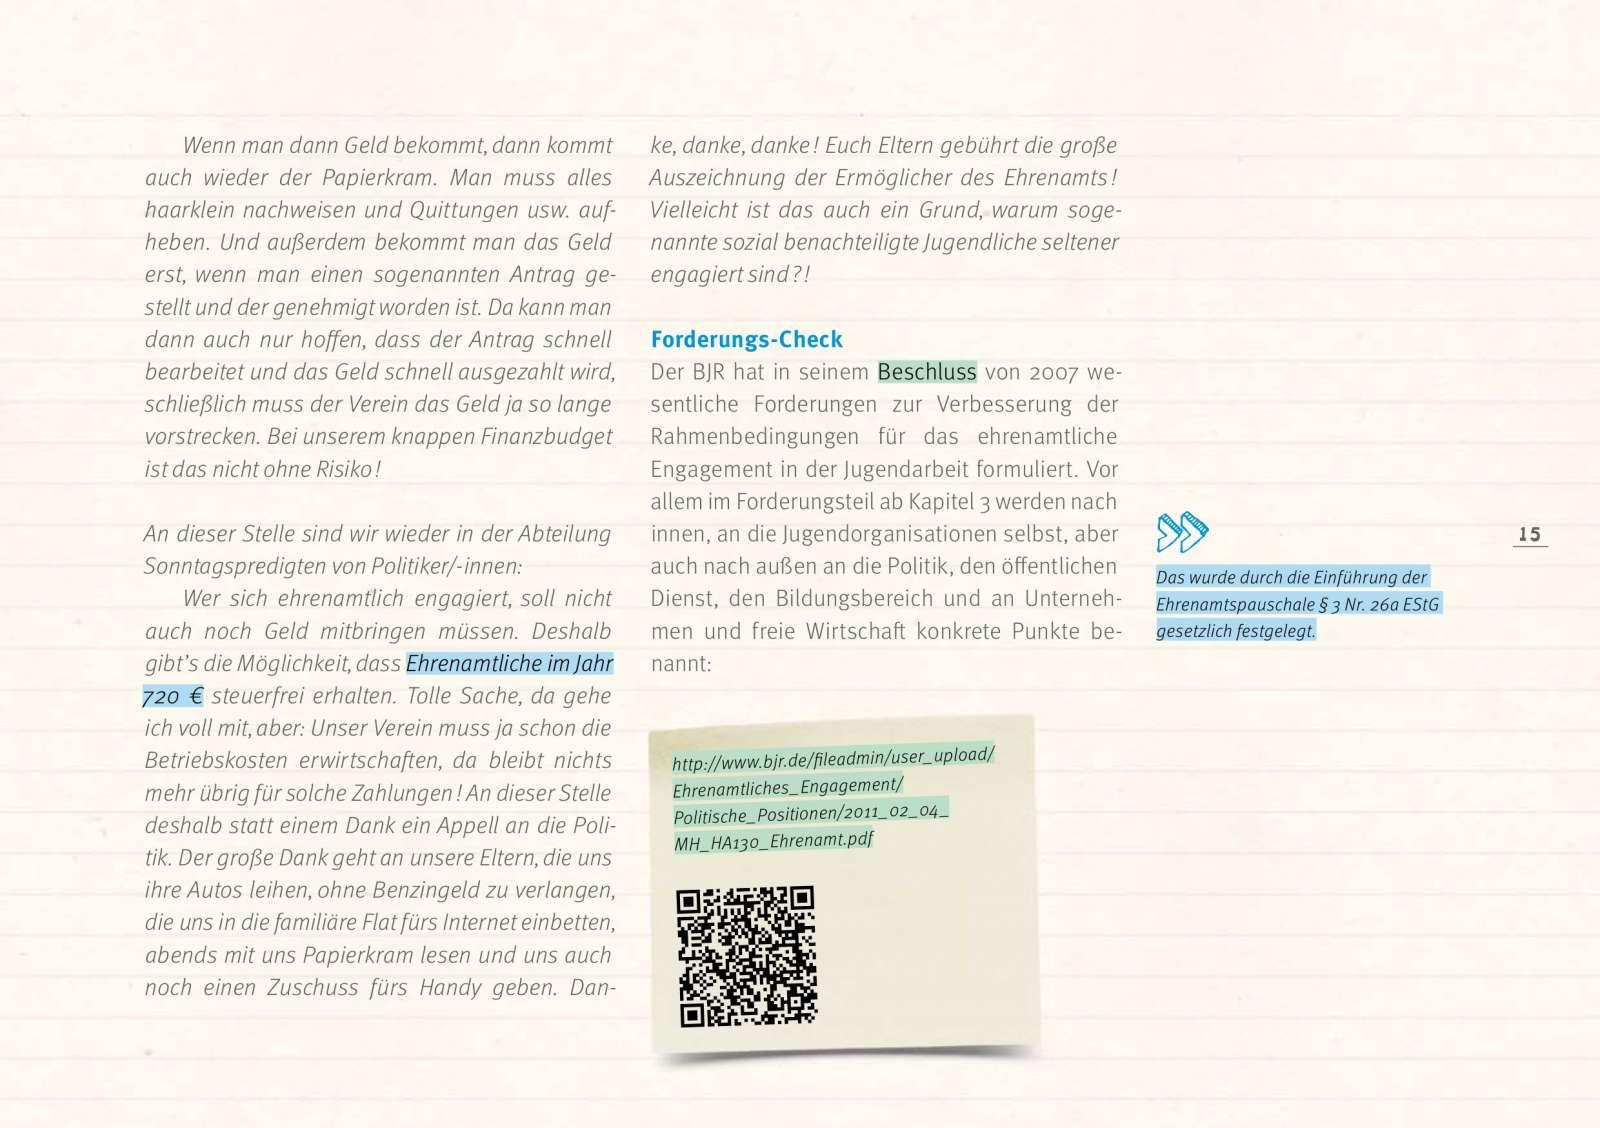 Schwarzbuch-Ehrenamt 19